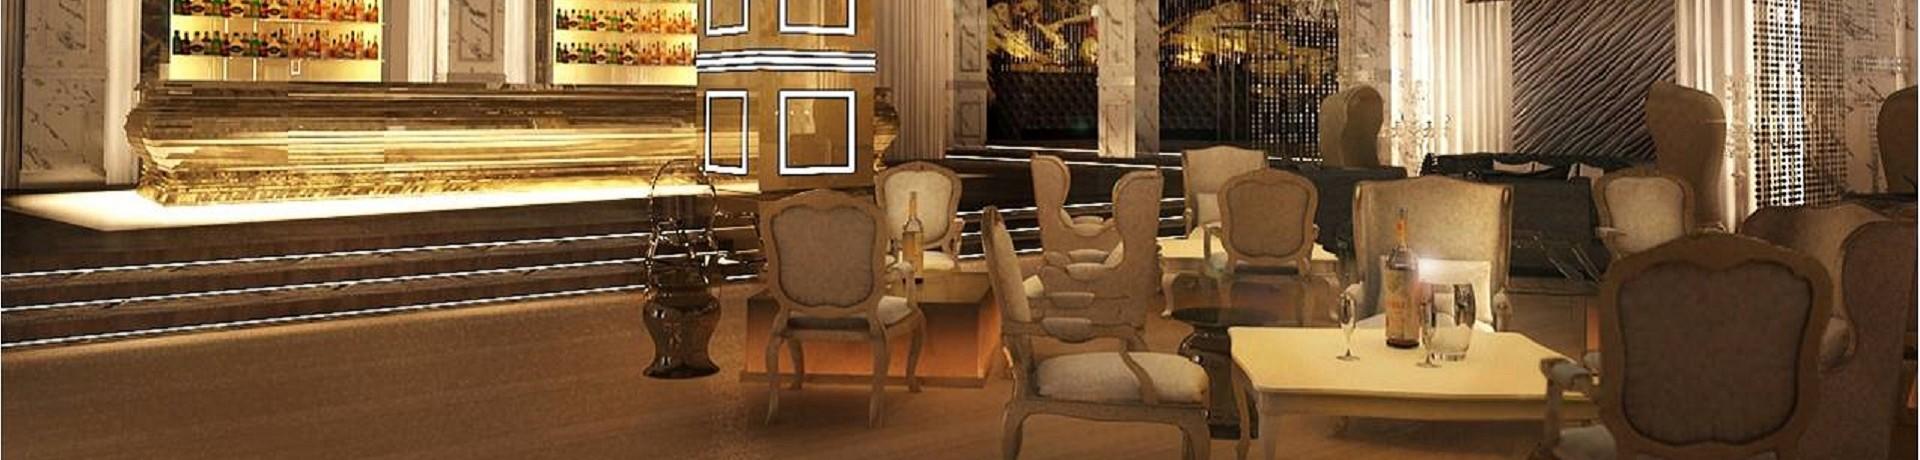 Vertigo Night Club (Le Meridien Hotel)